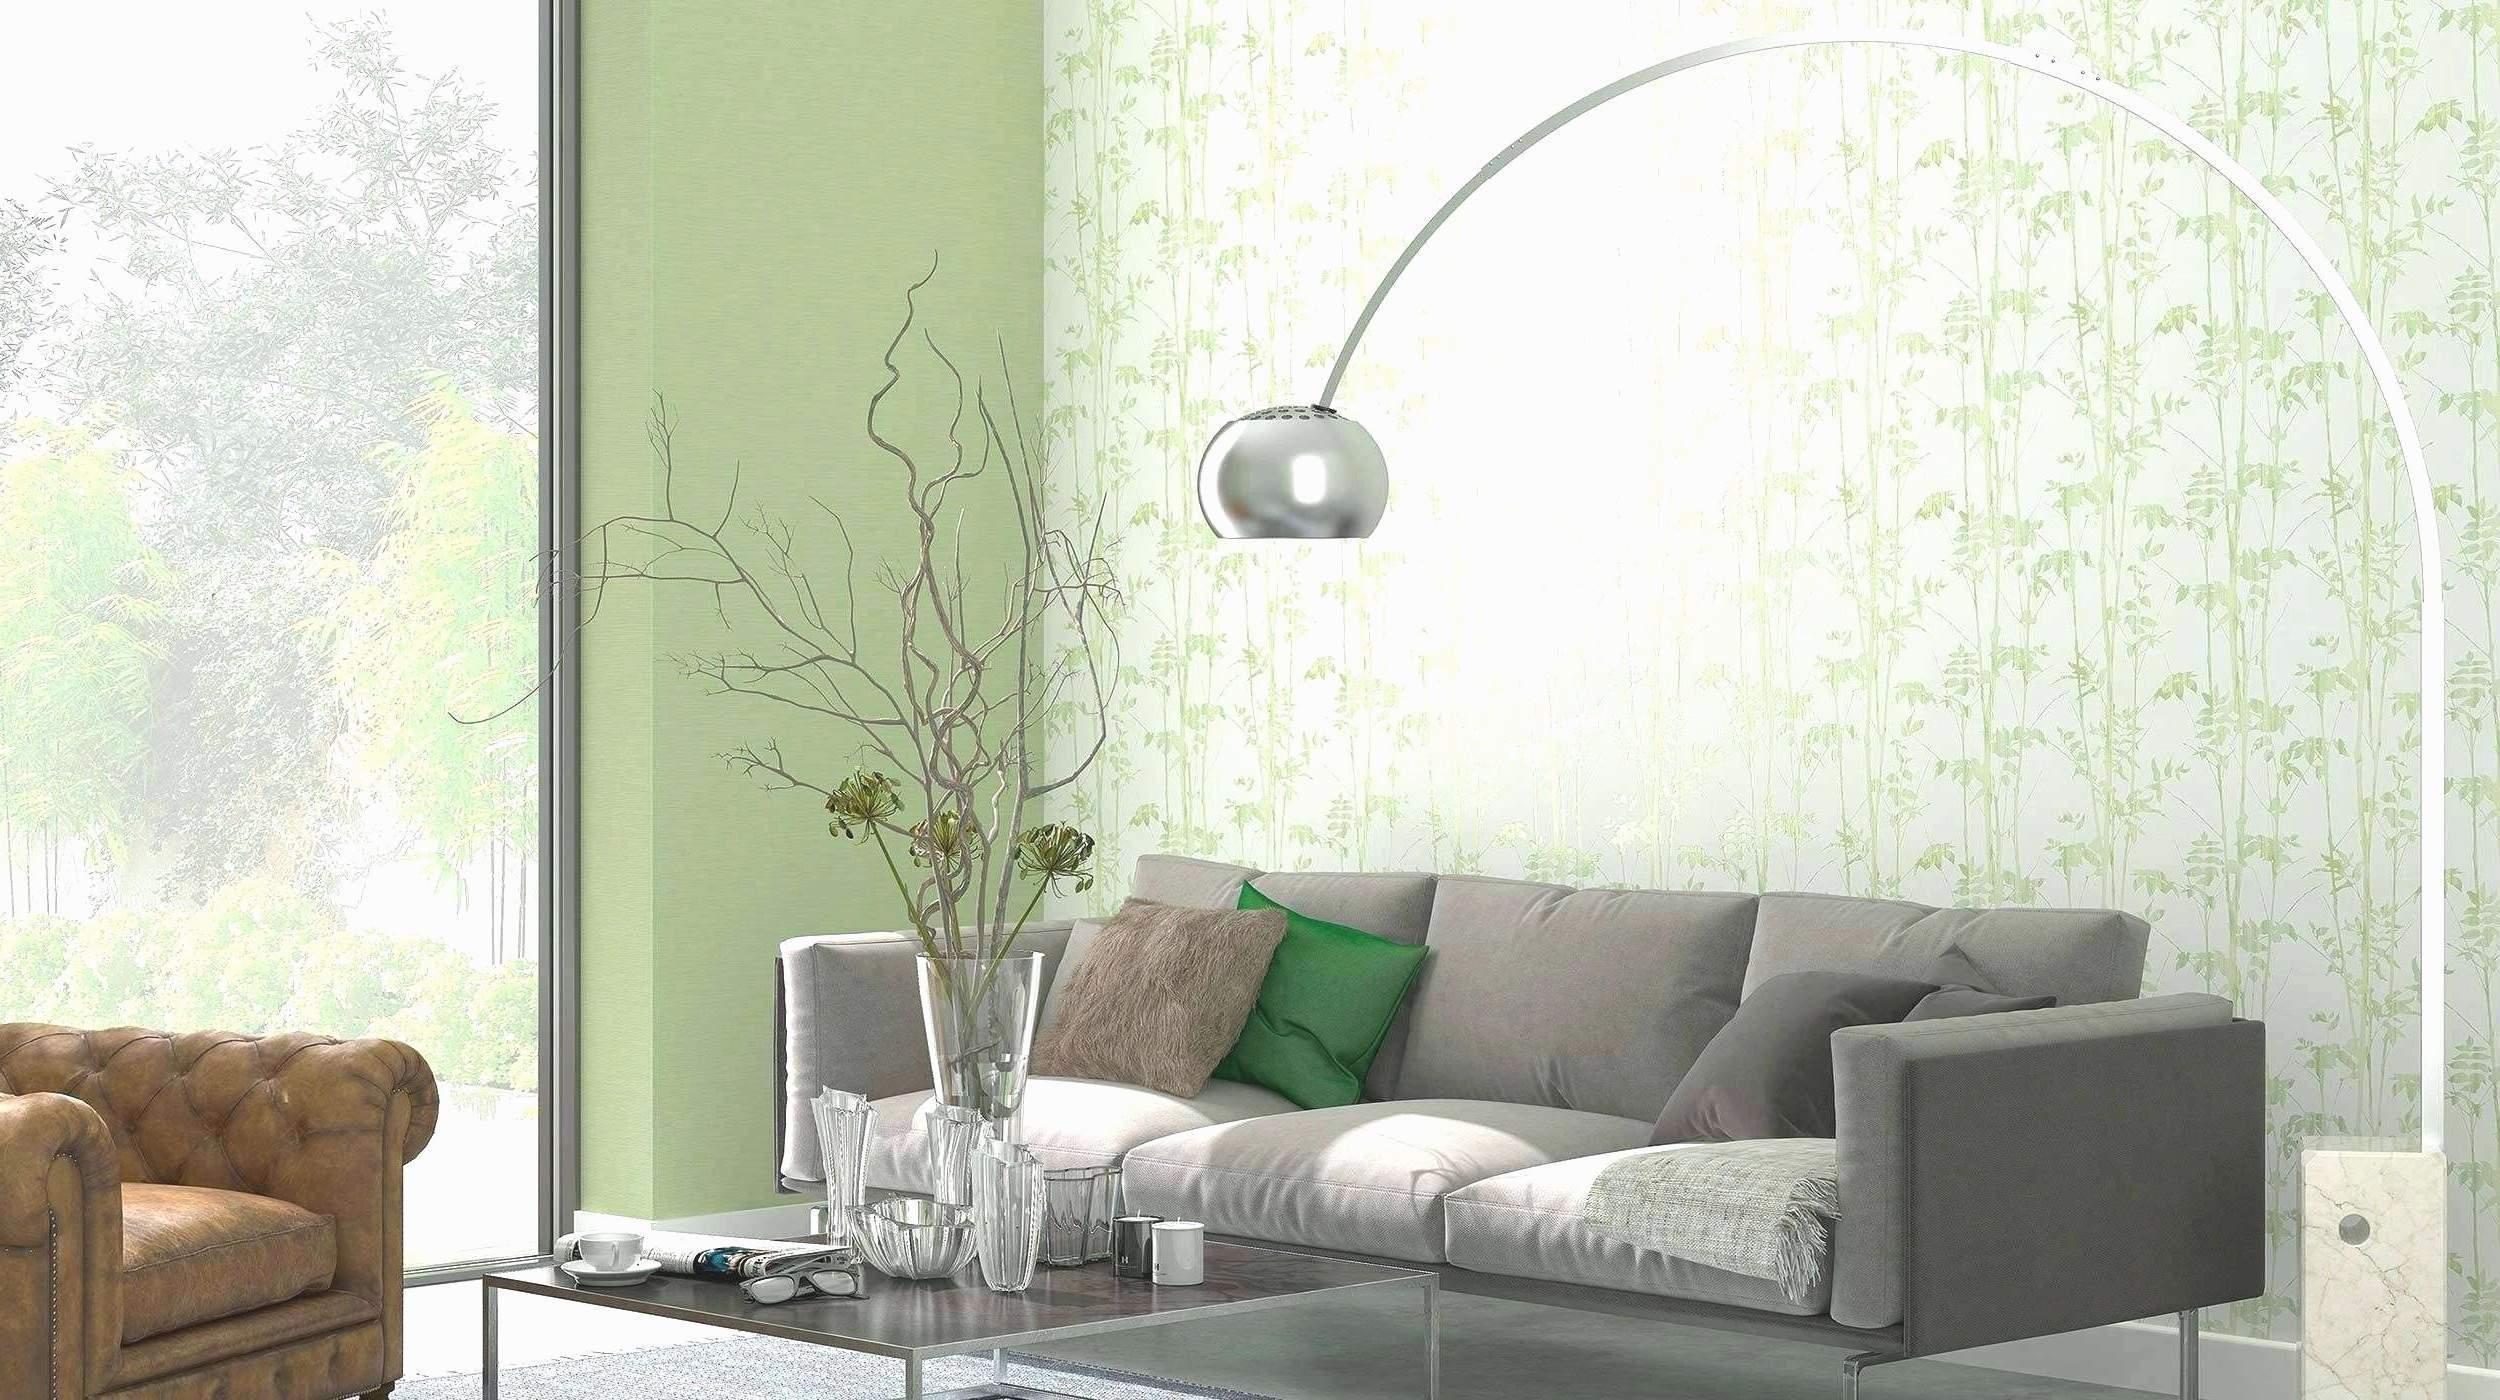 dekoration wohnzimmer ideen luxus wanddeko ideen wohnzimmer design sie mussen sehen of dekoration wohnzimmer ideen